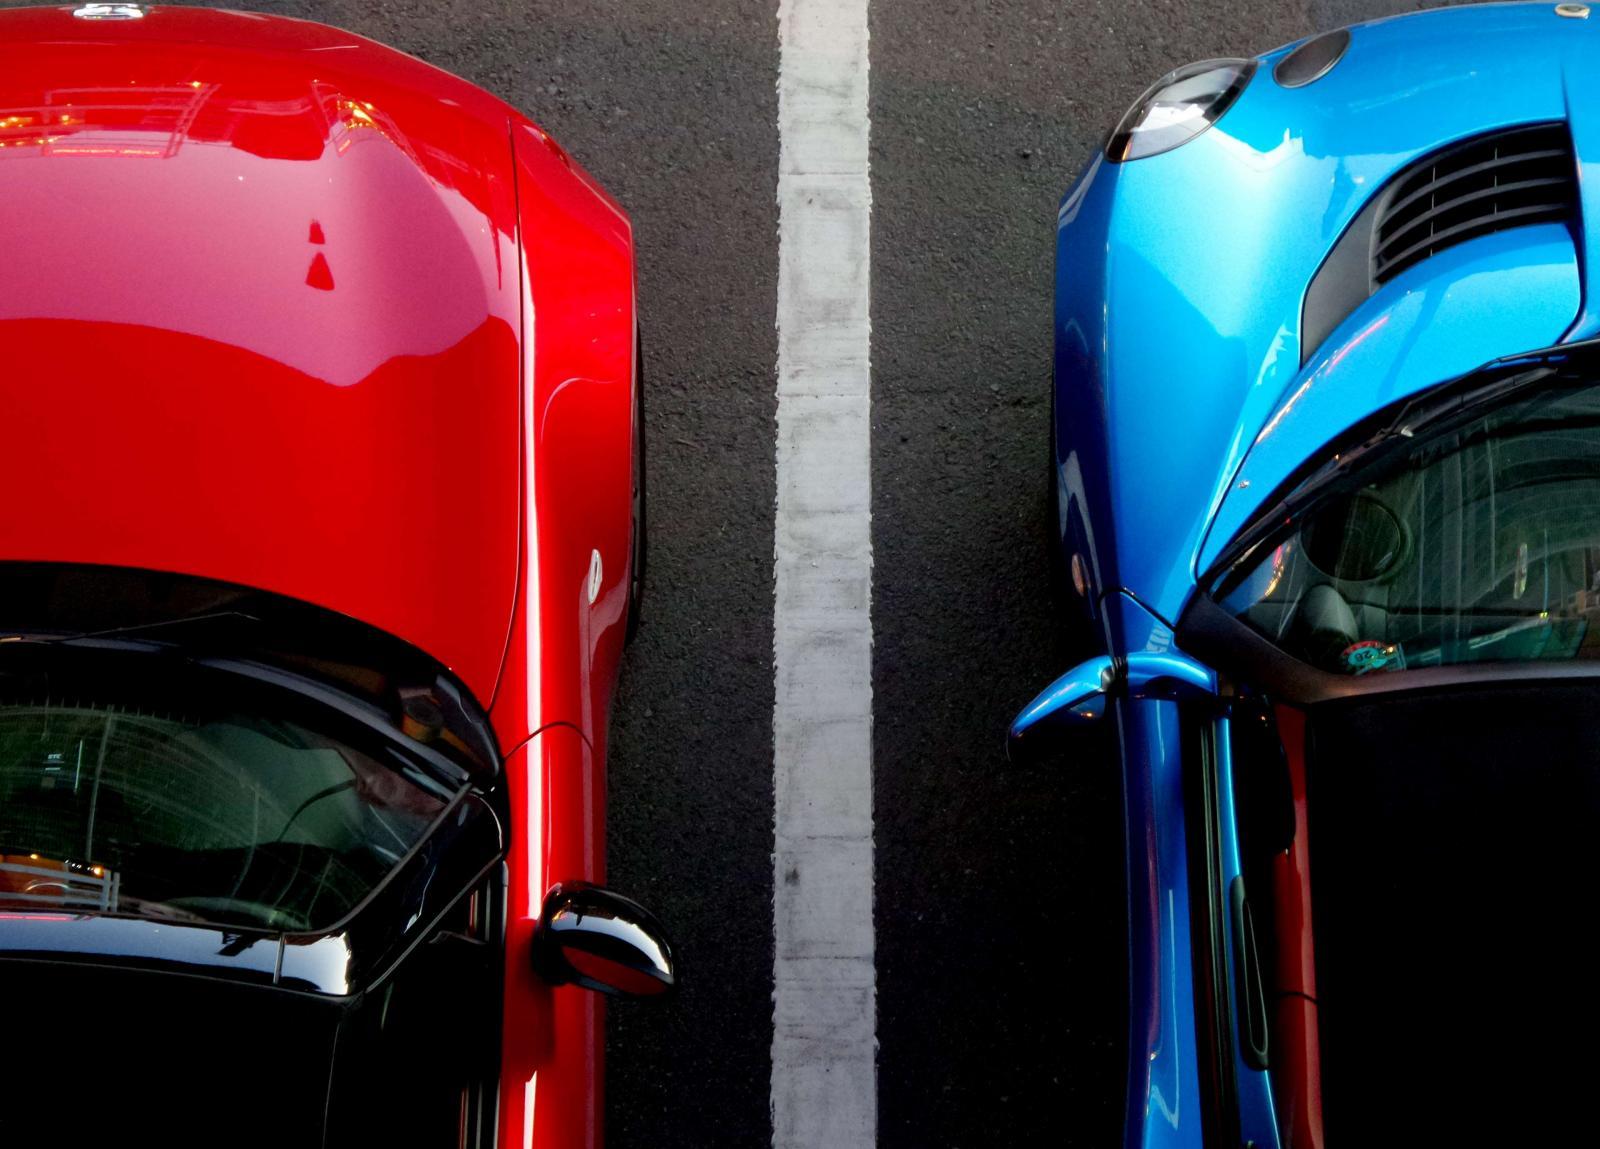 Baterias para autos electricos de color rojo y azul